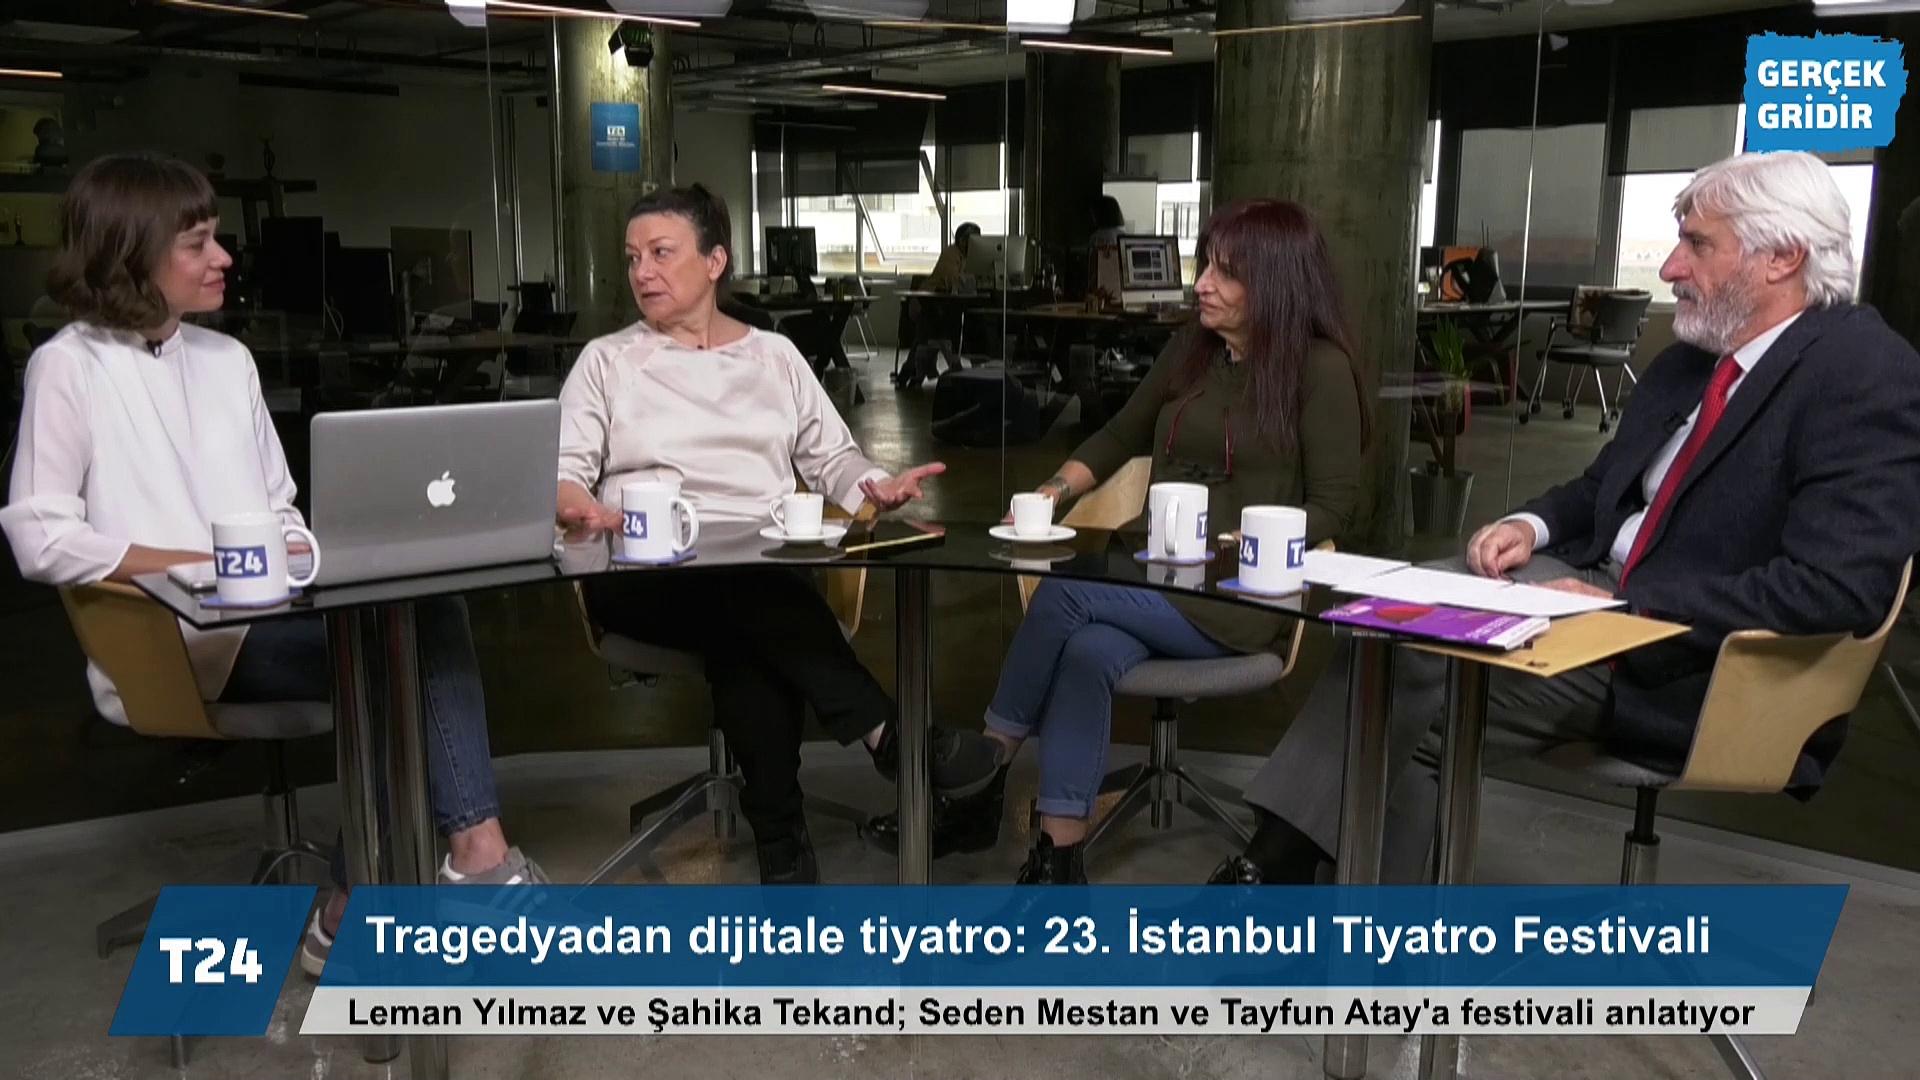 Tragedyadan dijitale tiyatro: 23. İstanbul Tiyatro Festivali başladı